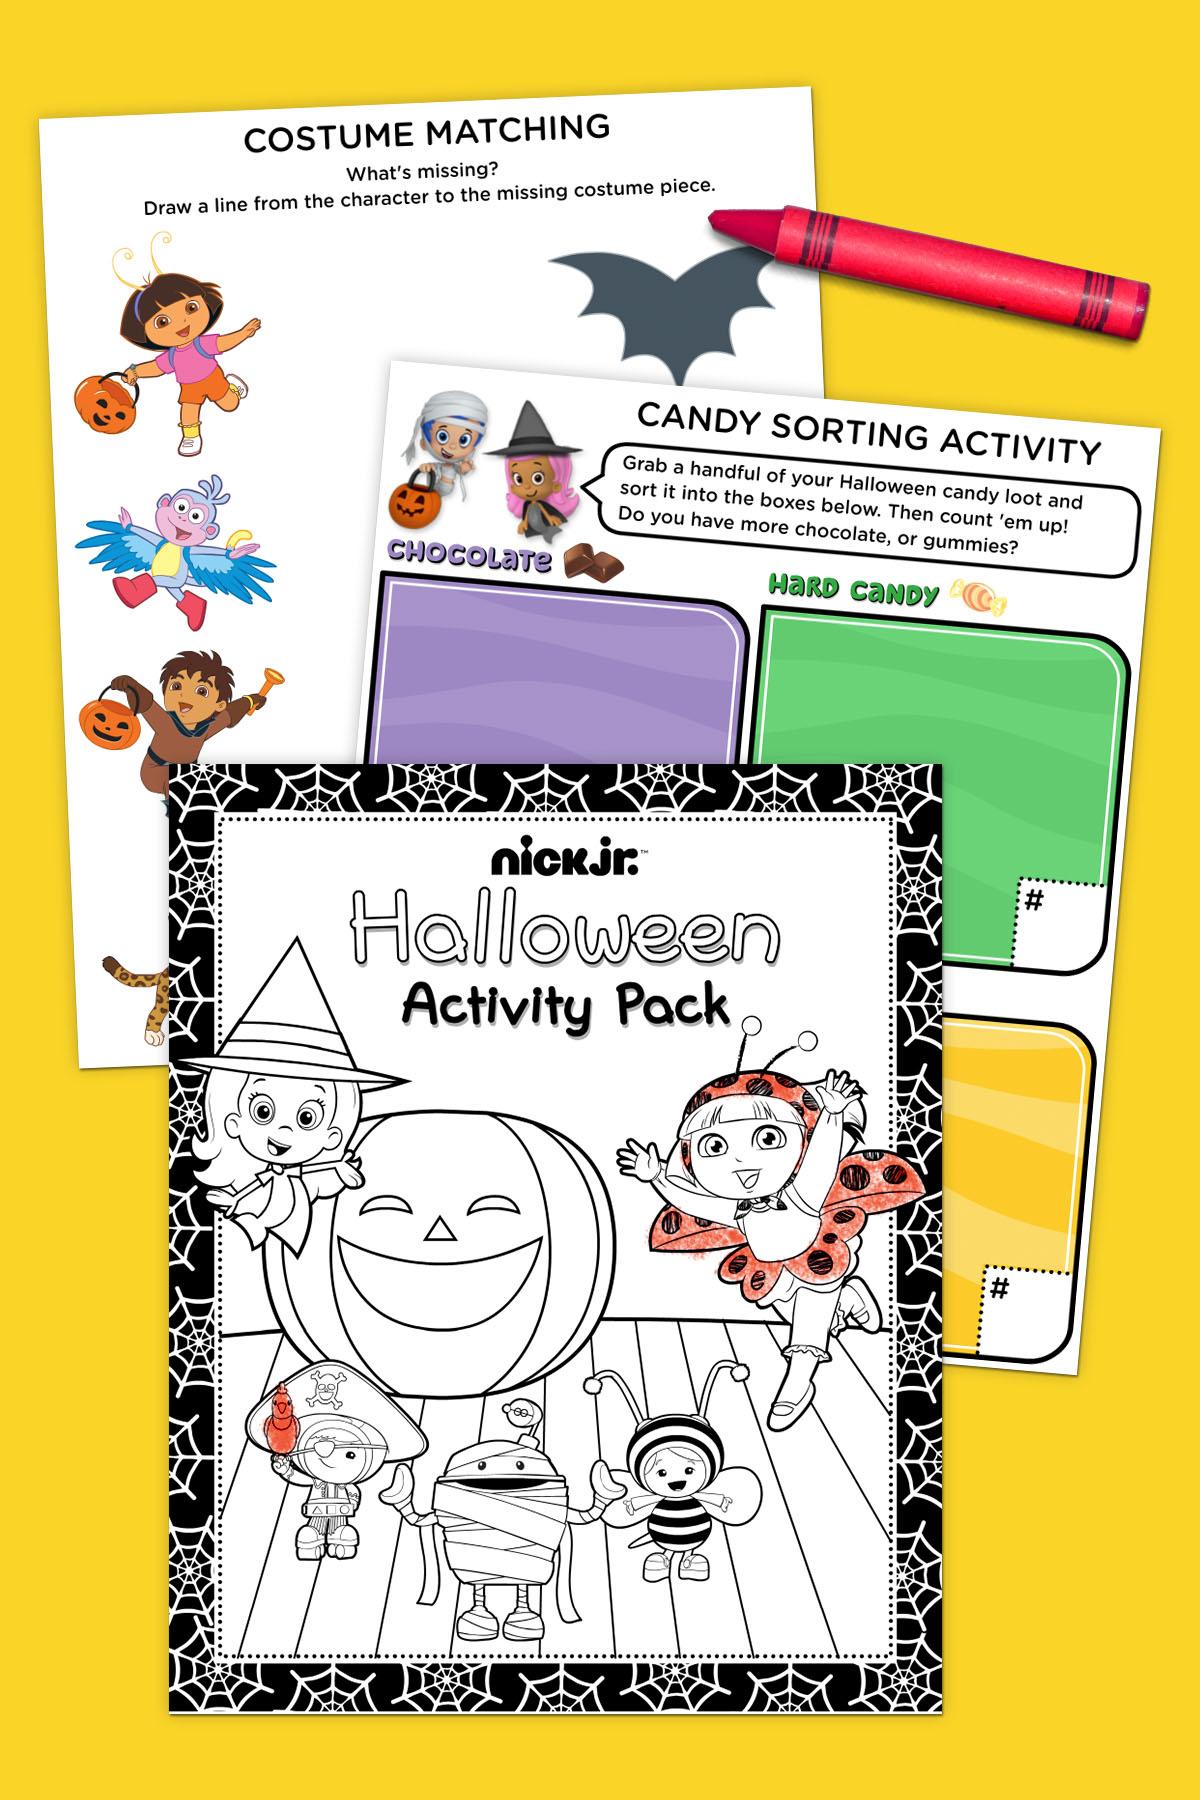 Nick Jr Halloween Activity Pack